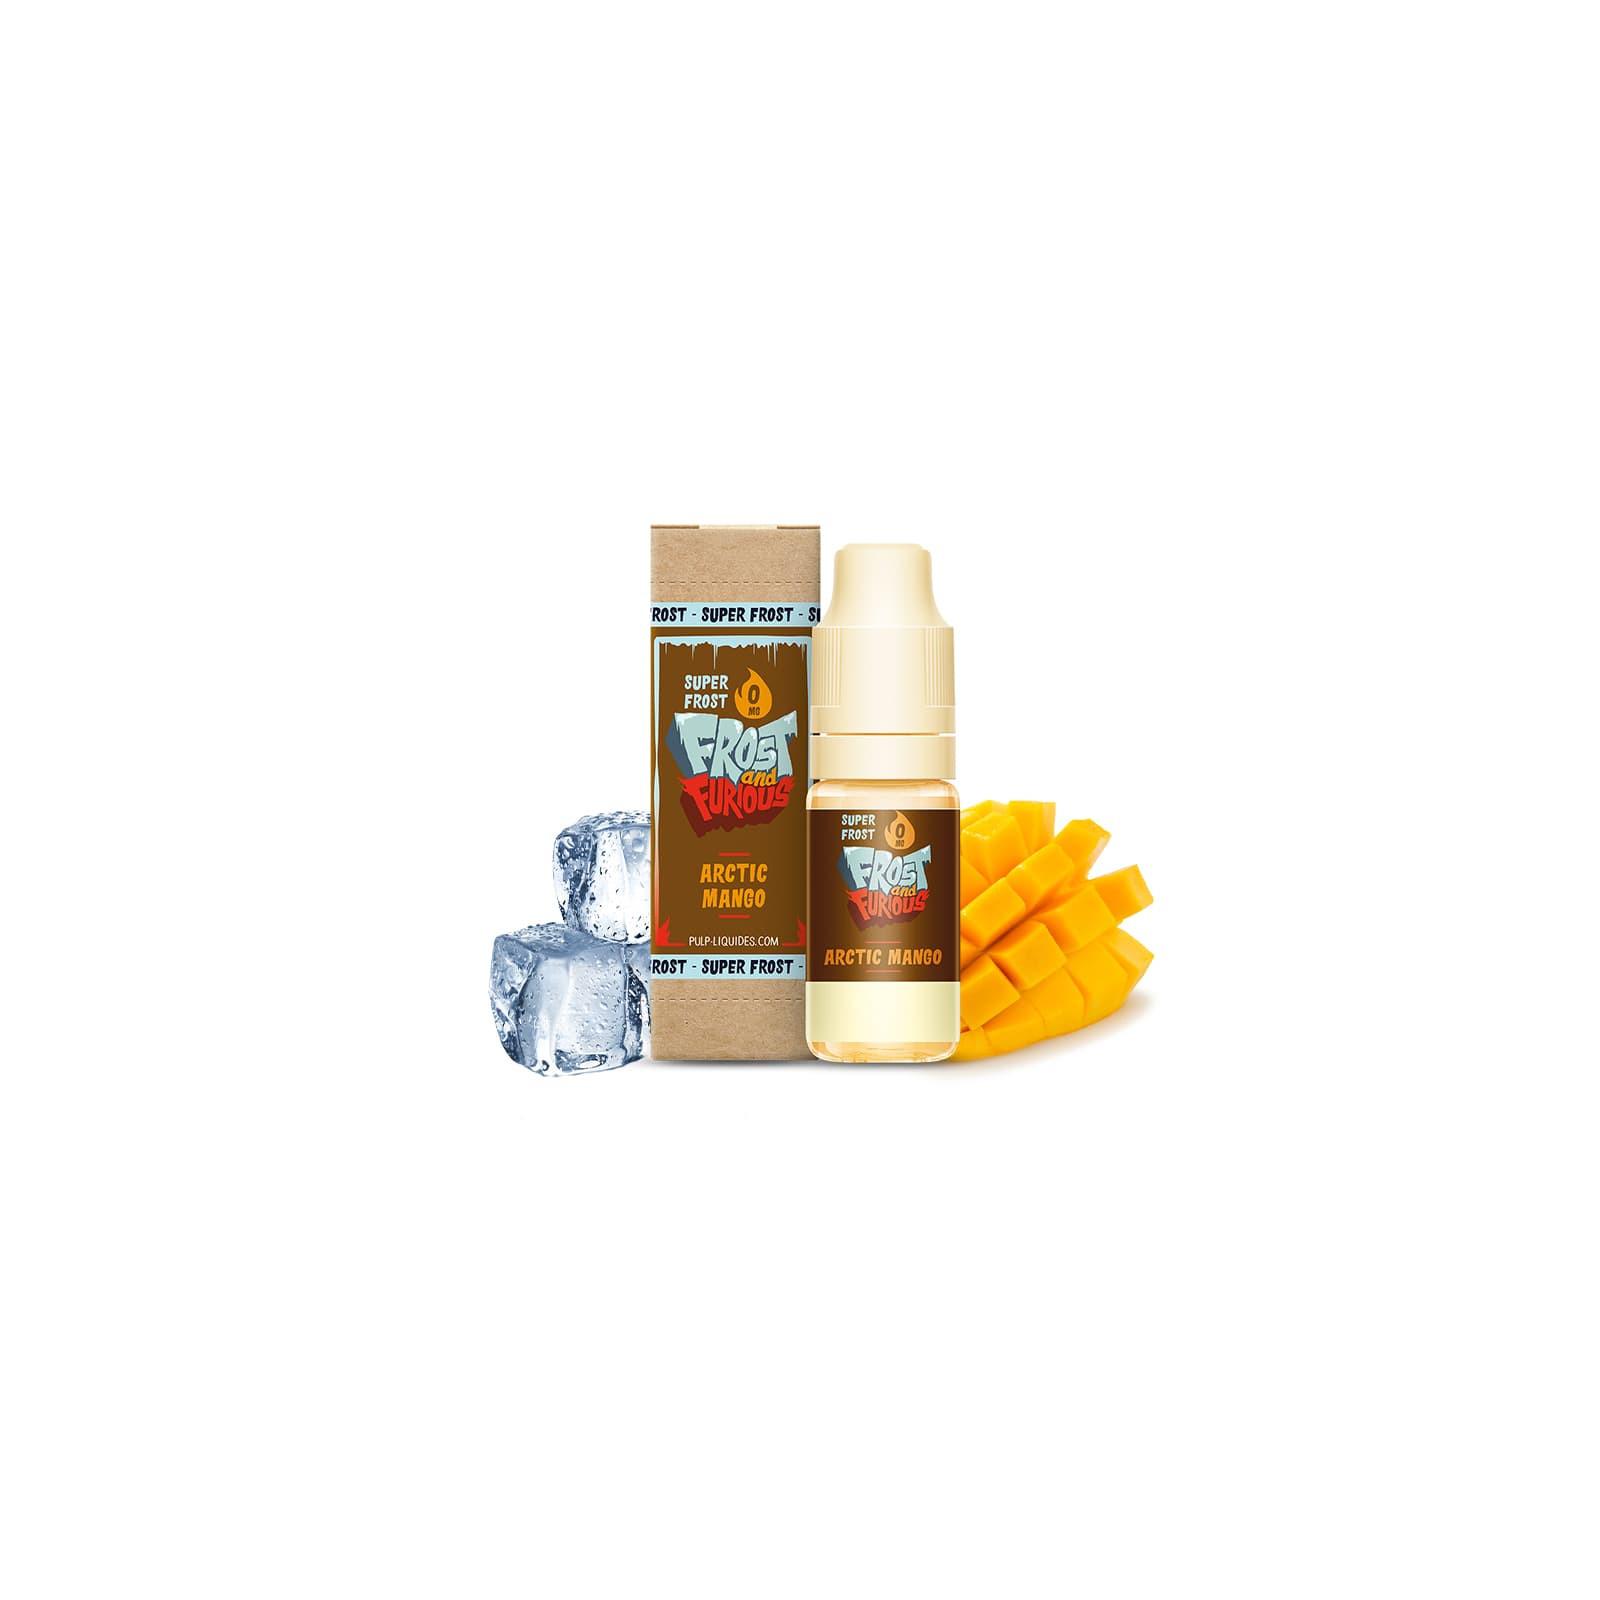 Arctic Mango Super Frost - Pulp